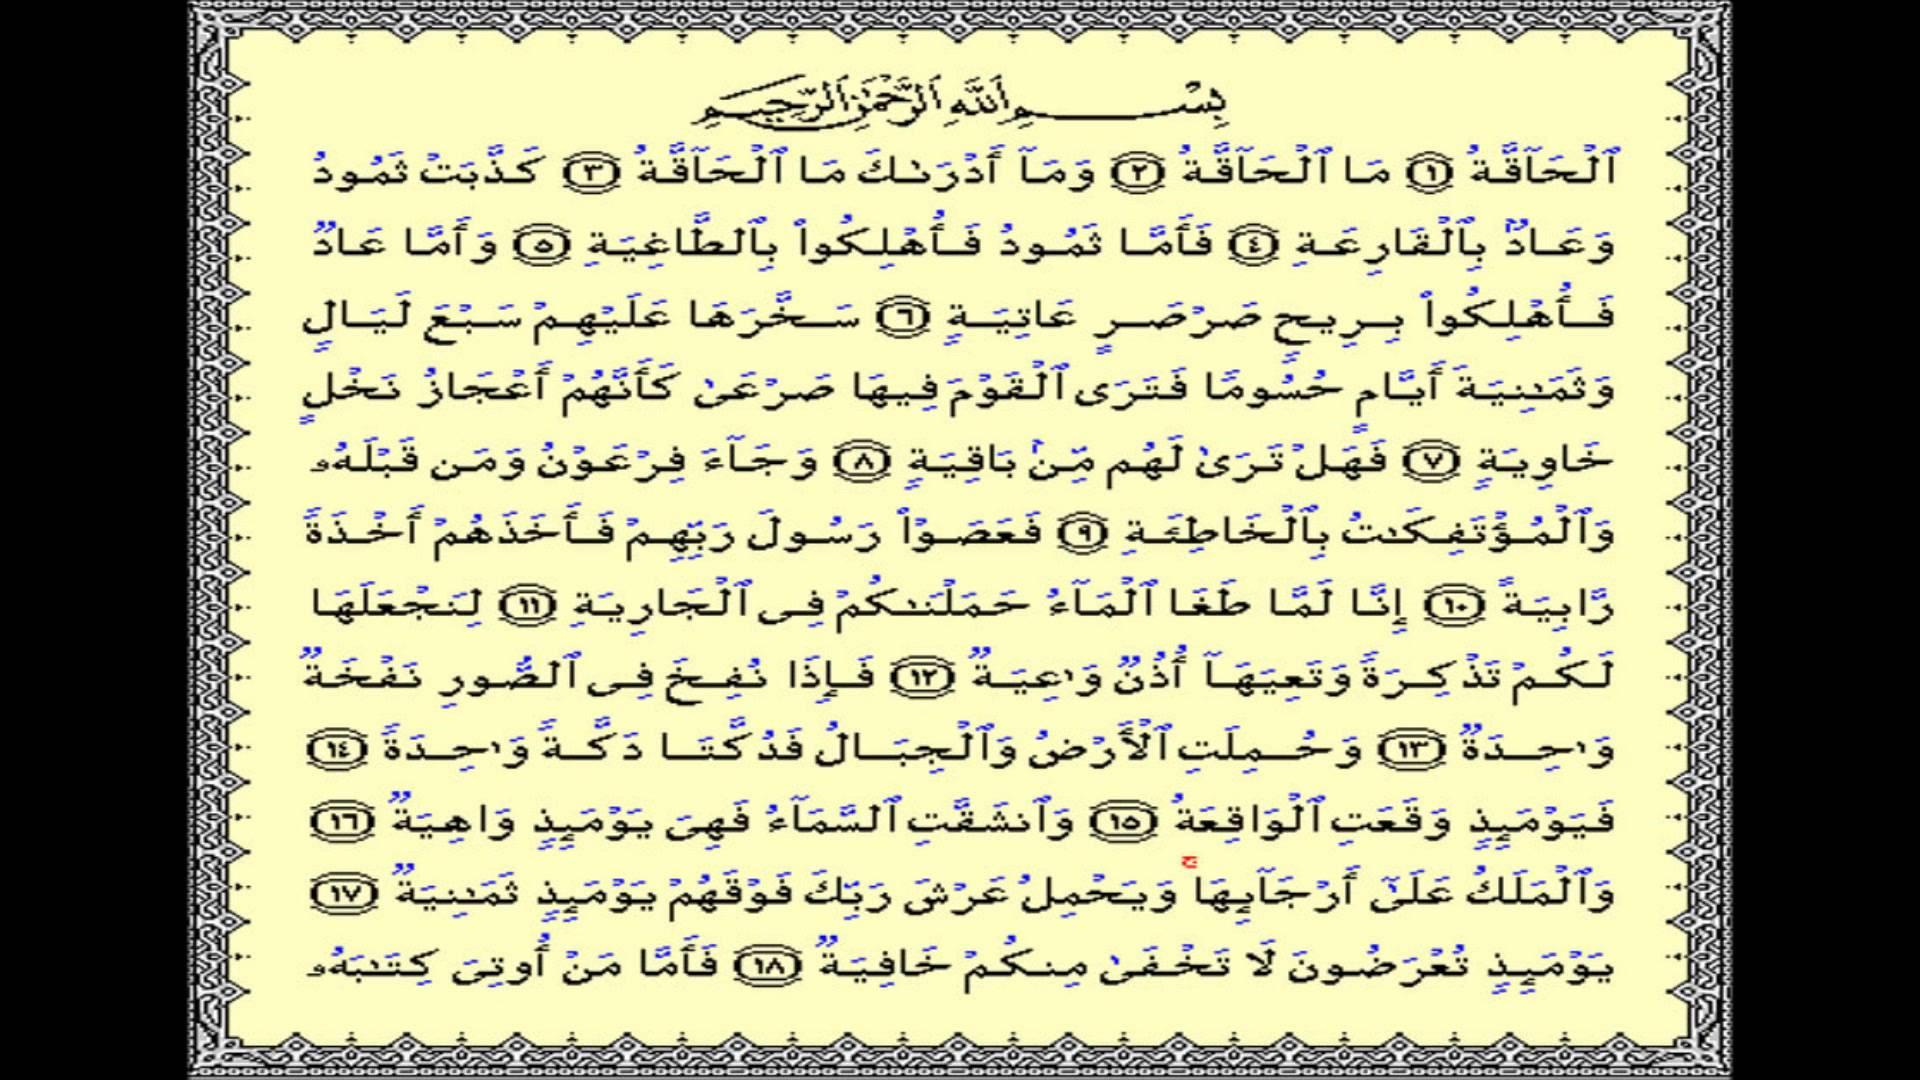 اسباب نزول سورة الحاقة ، فضل سورة الحاقة ، سبب تسمية سورة الحاقة